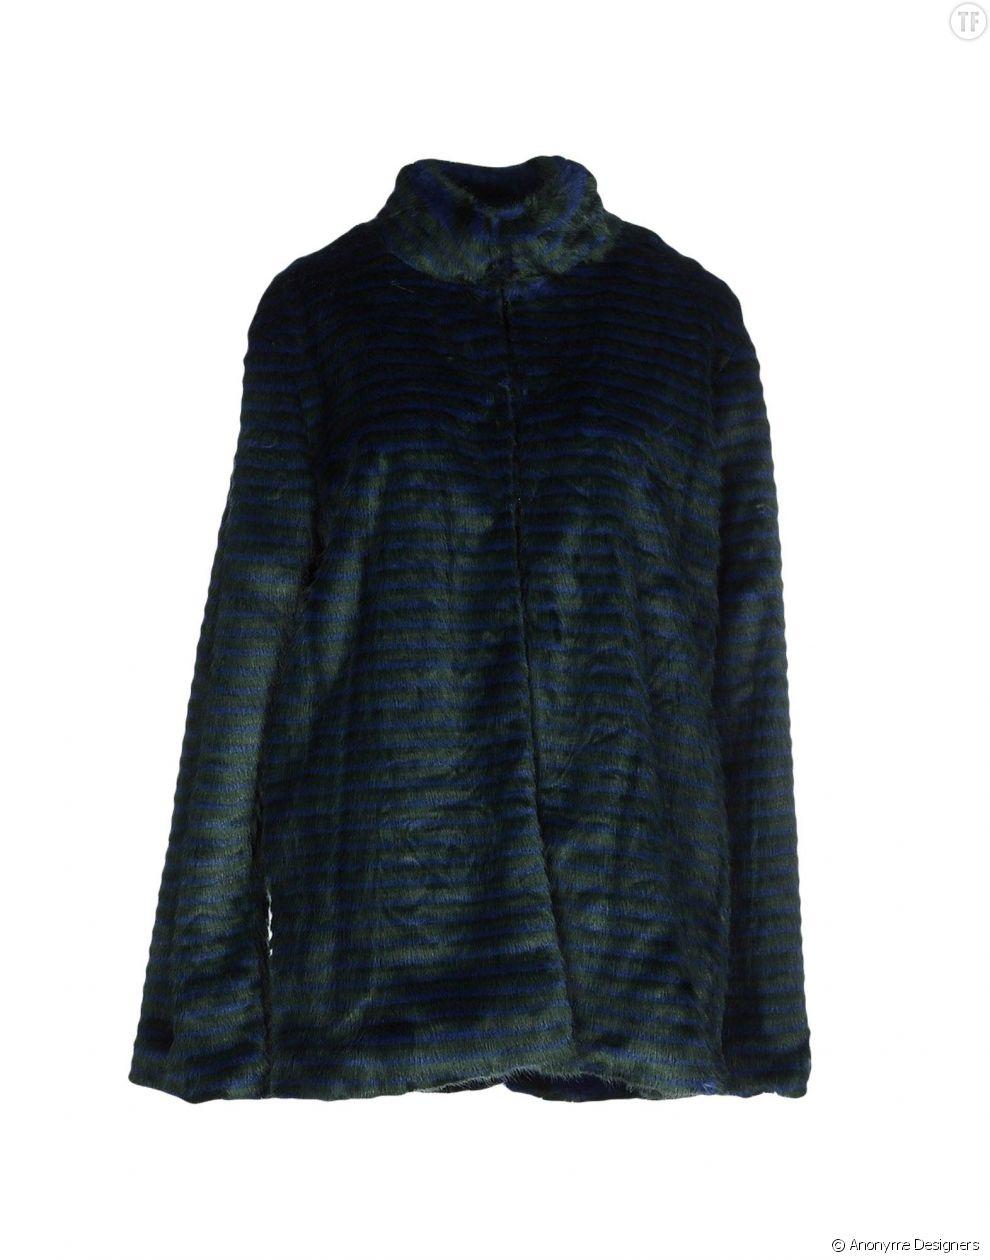 Manteau légèrement strié vert et bleu en fausse fourrure Anonyme Designers 92 euros